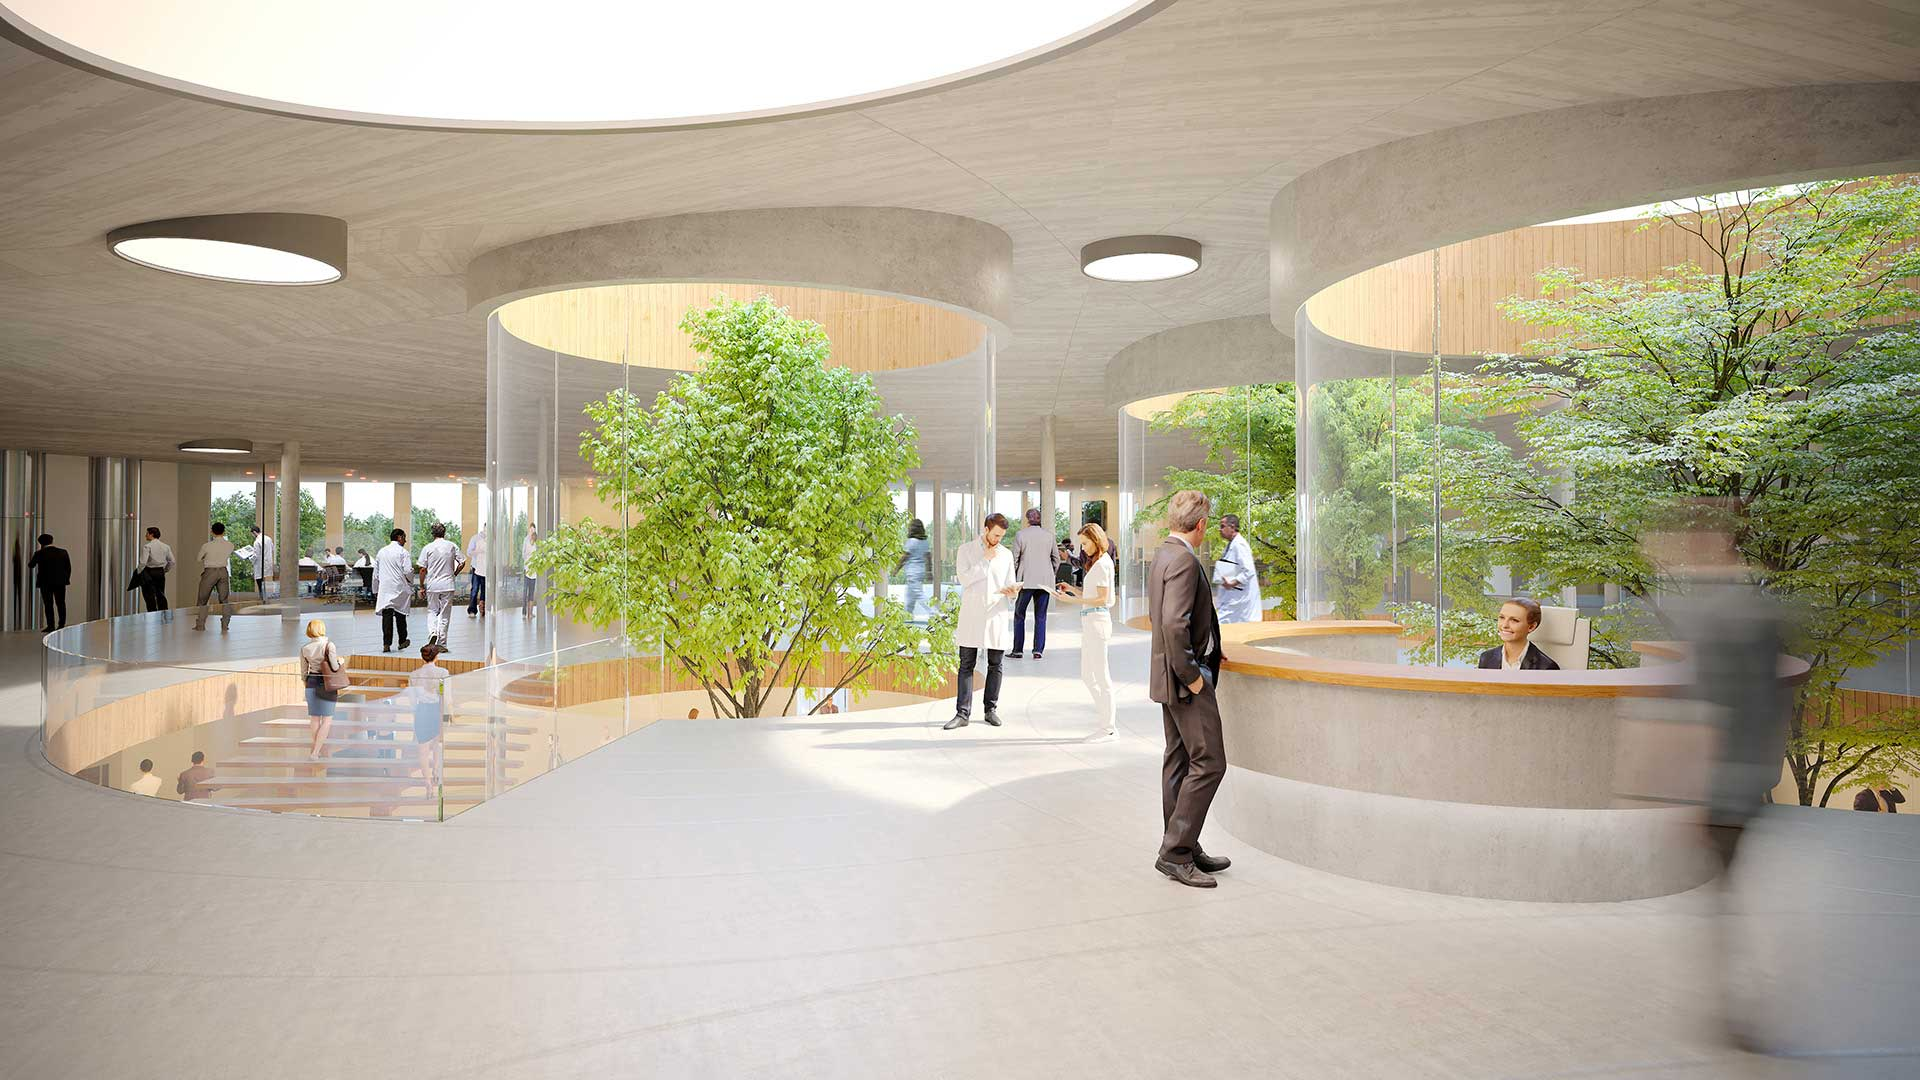 Création d'une perspective en image de synthèse d'un hall pour un concours 3D.